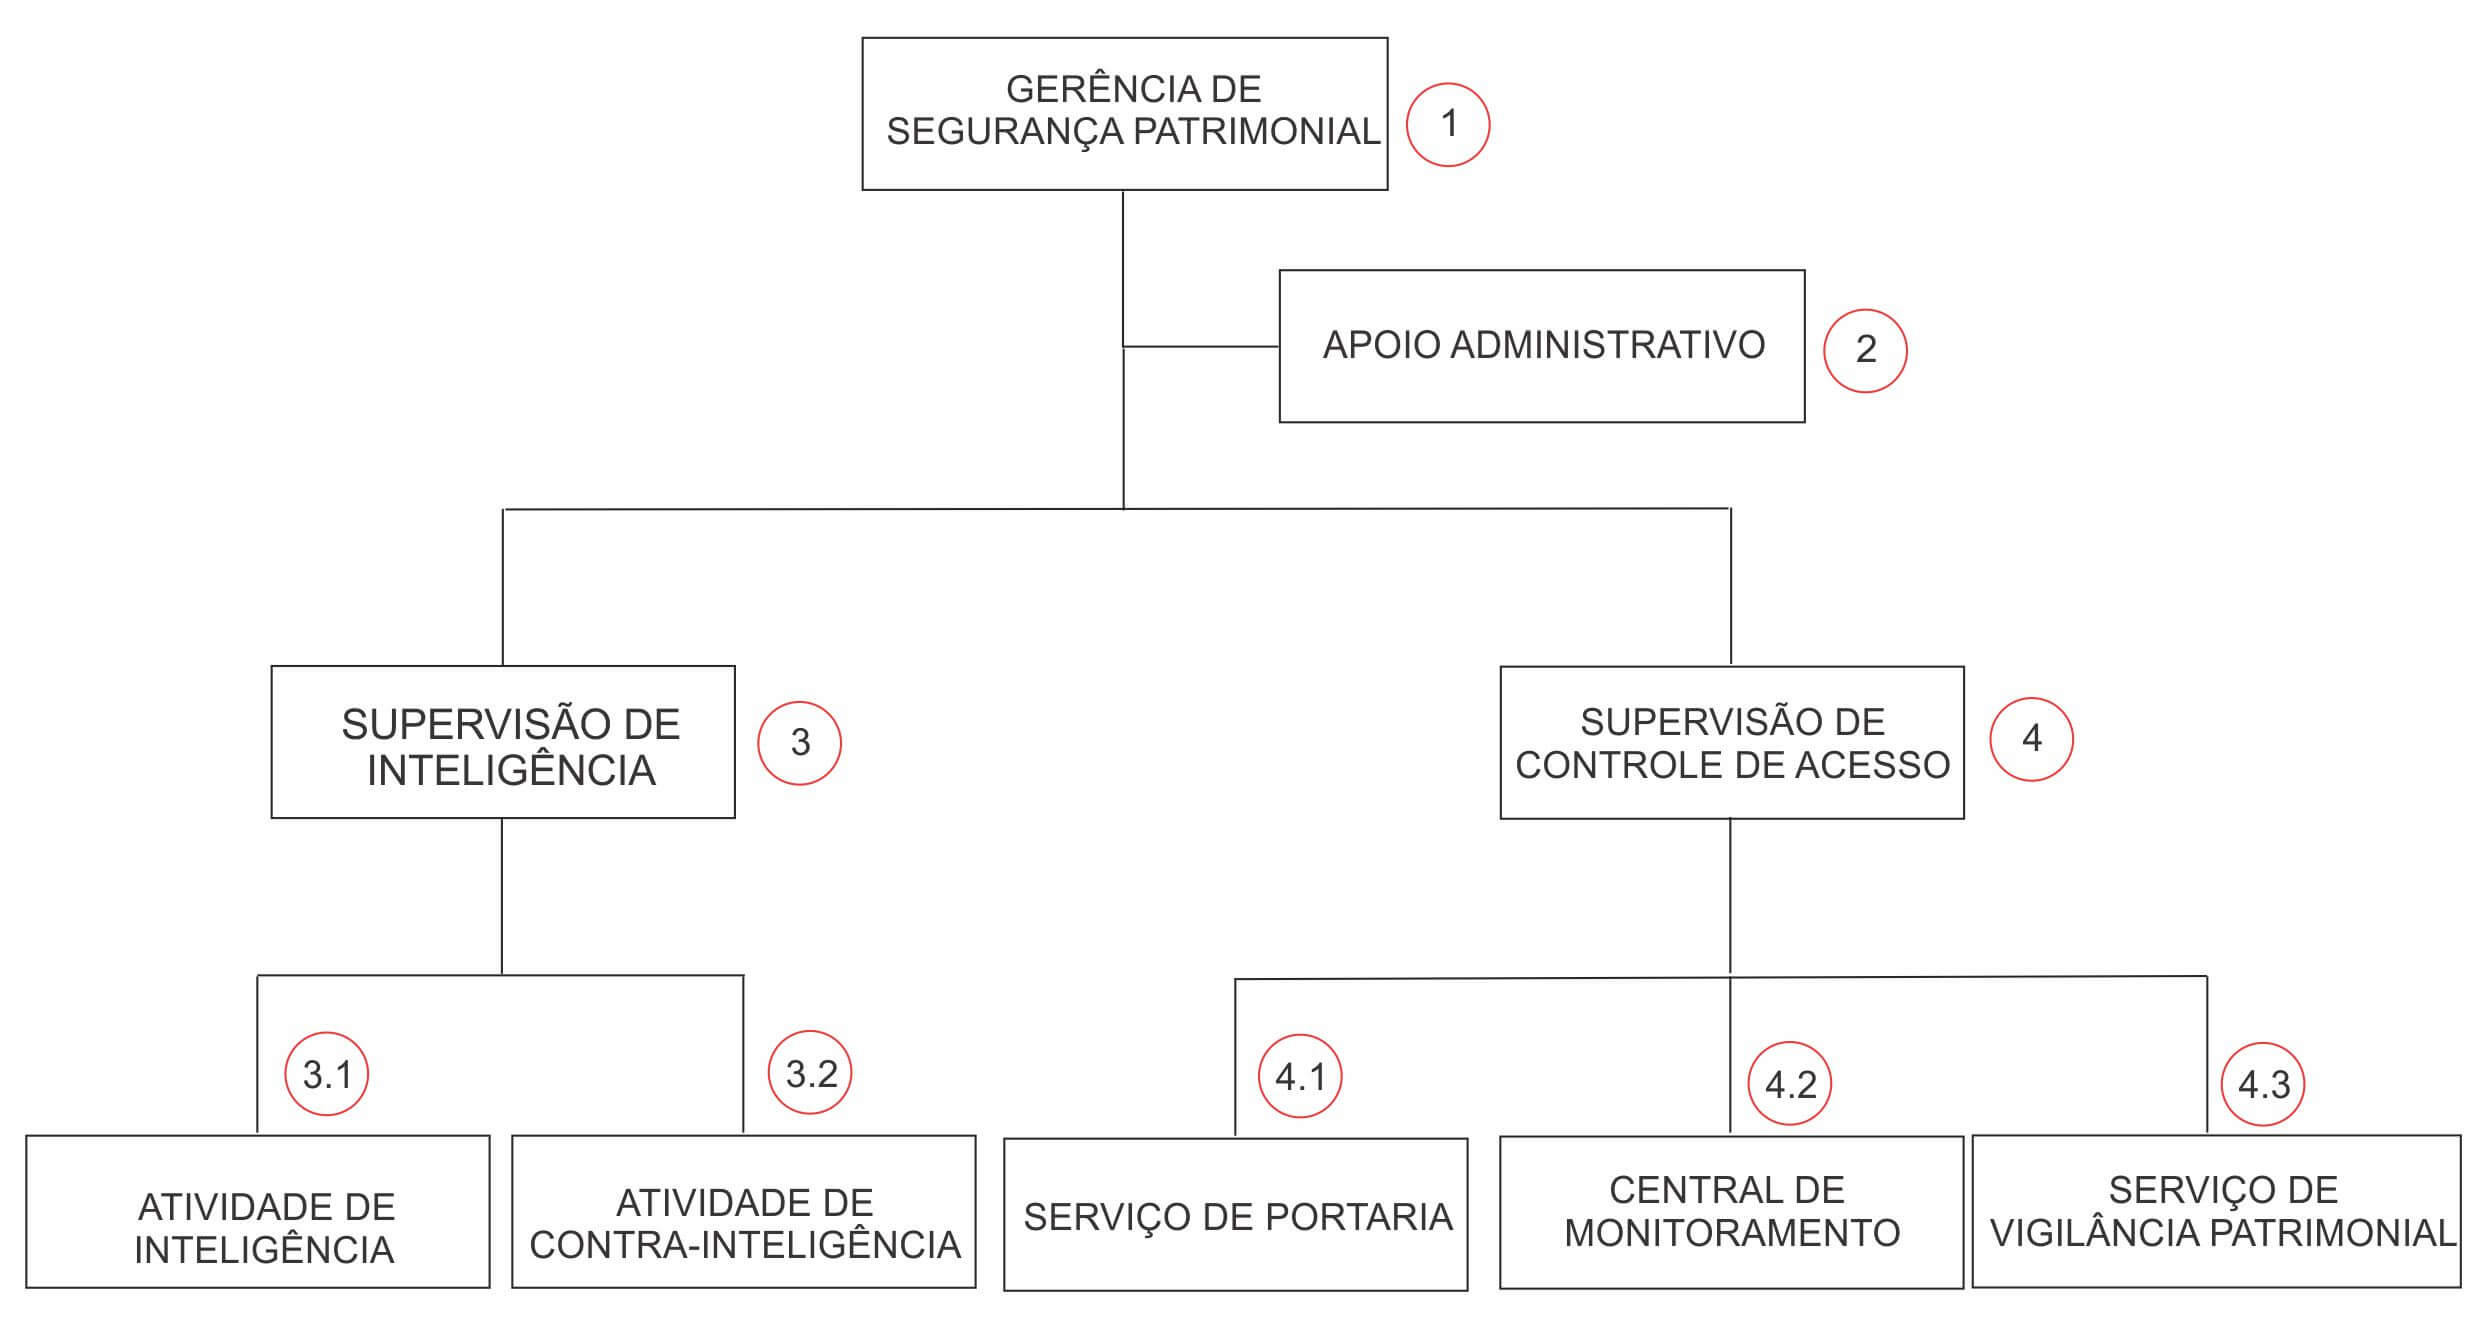 Organograma da Segurança Patrimonial